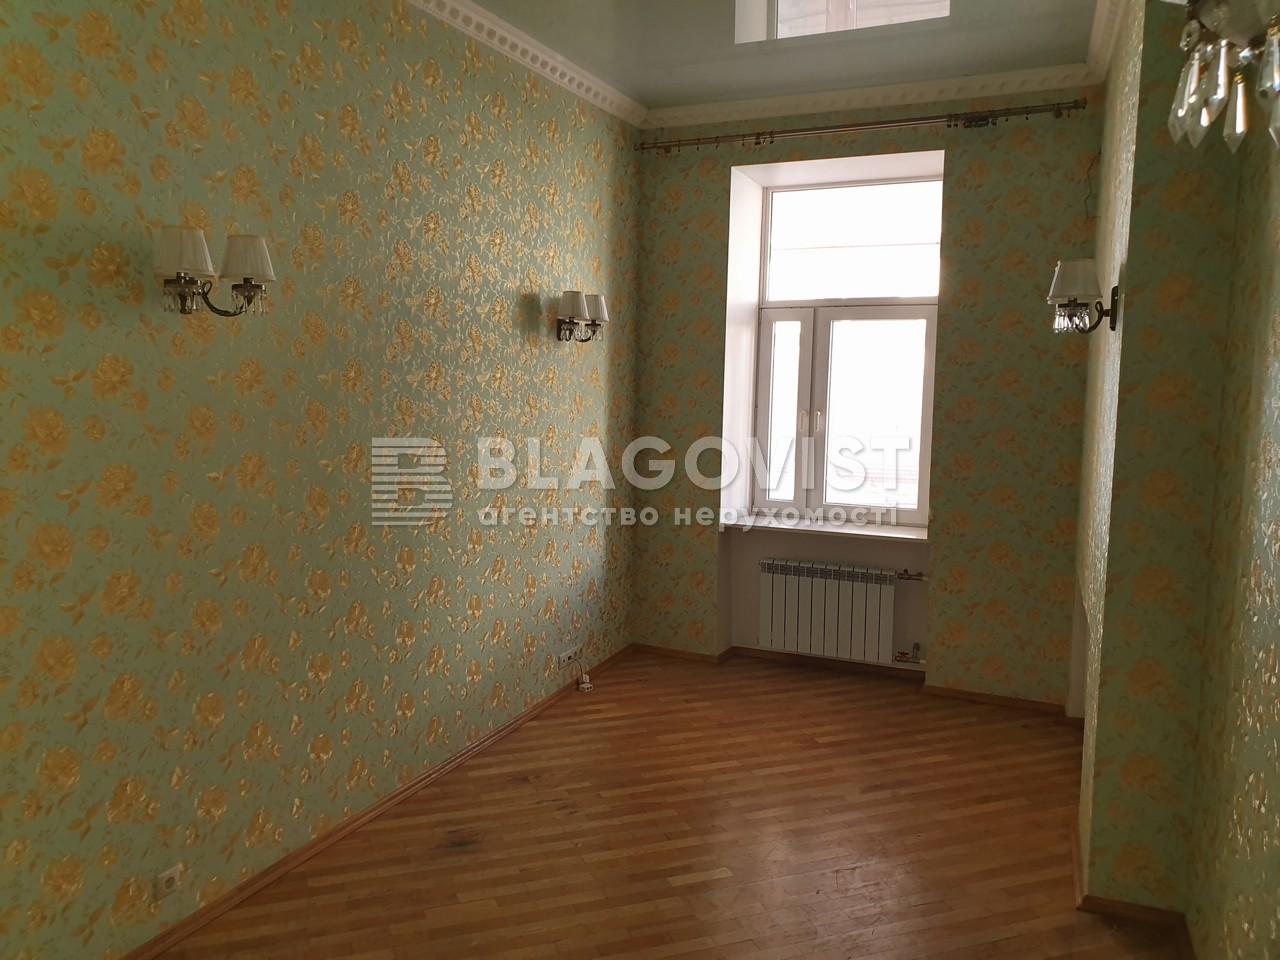 Квартира R-35156, Большая Васильковская, 30, Киев - Фото 8